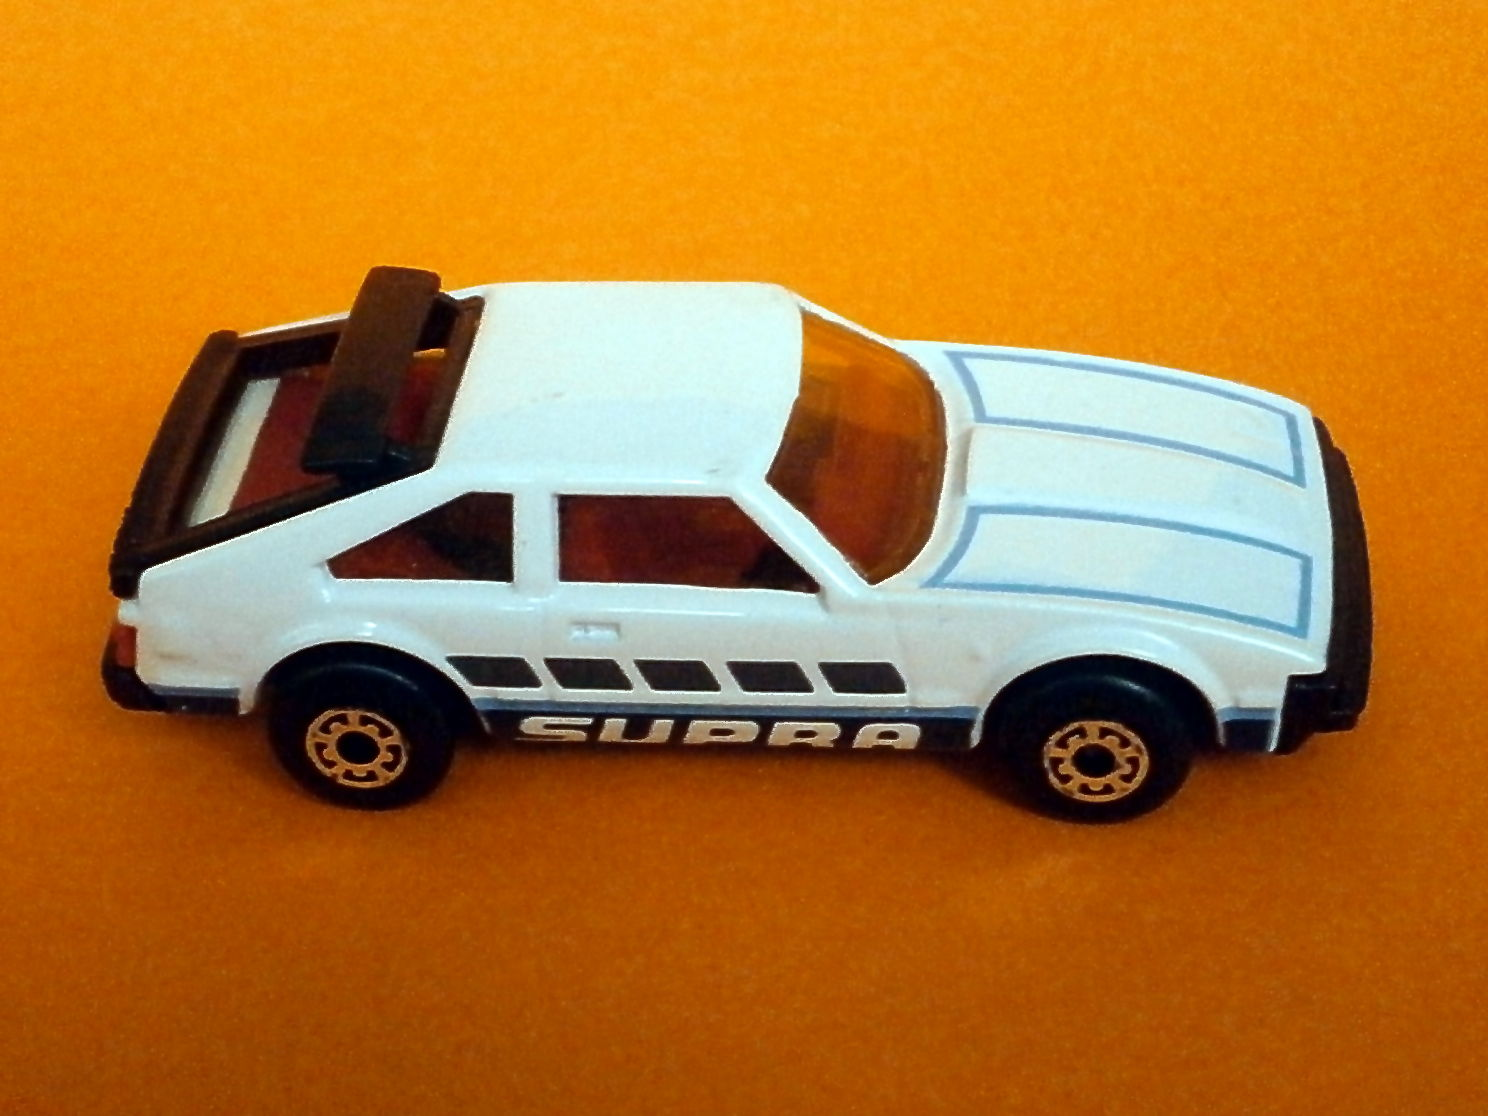 Toyota Supra (1983)